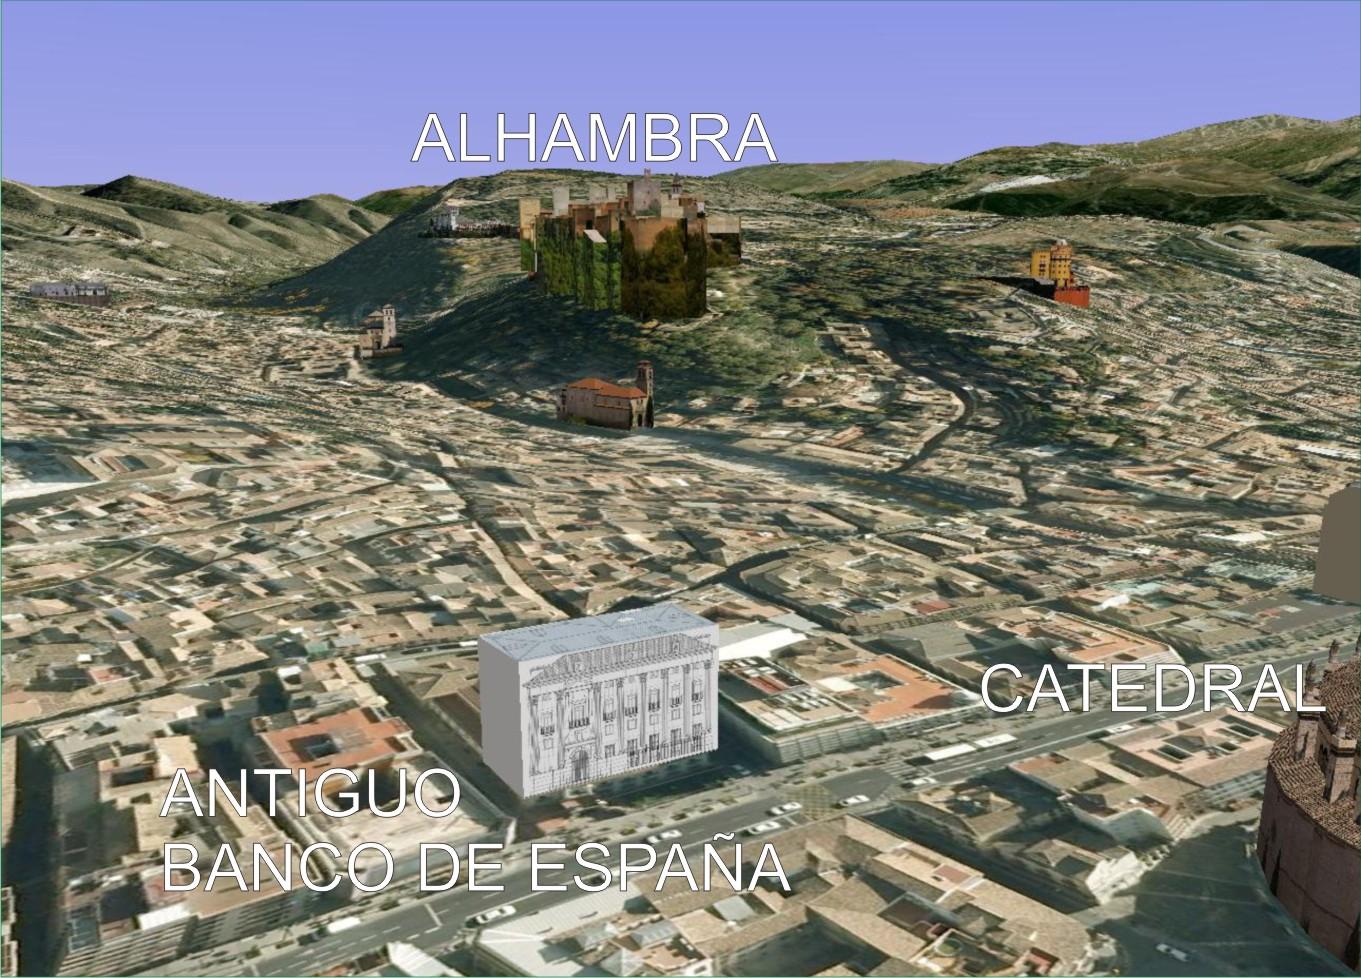 El edificio del Banco de España se encuentra ubicado en la Gran Vía, en plena zona céntrica de la ciudad.